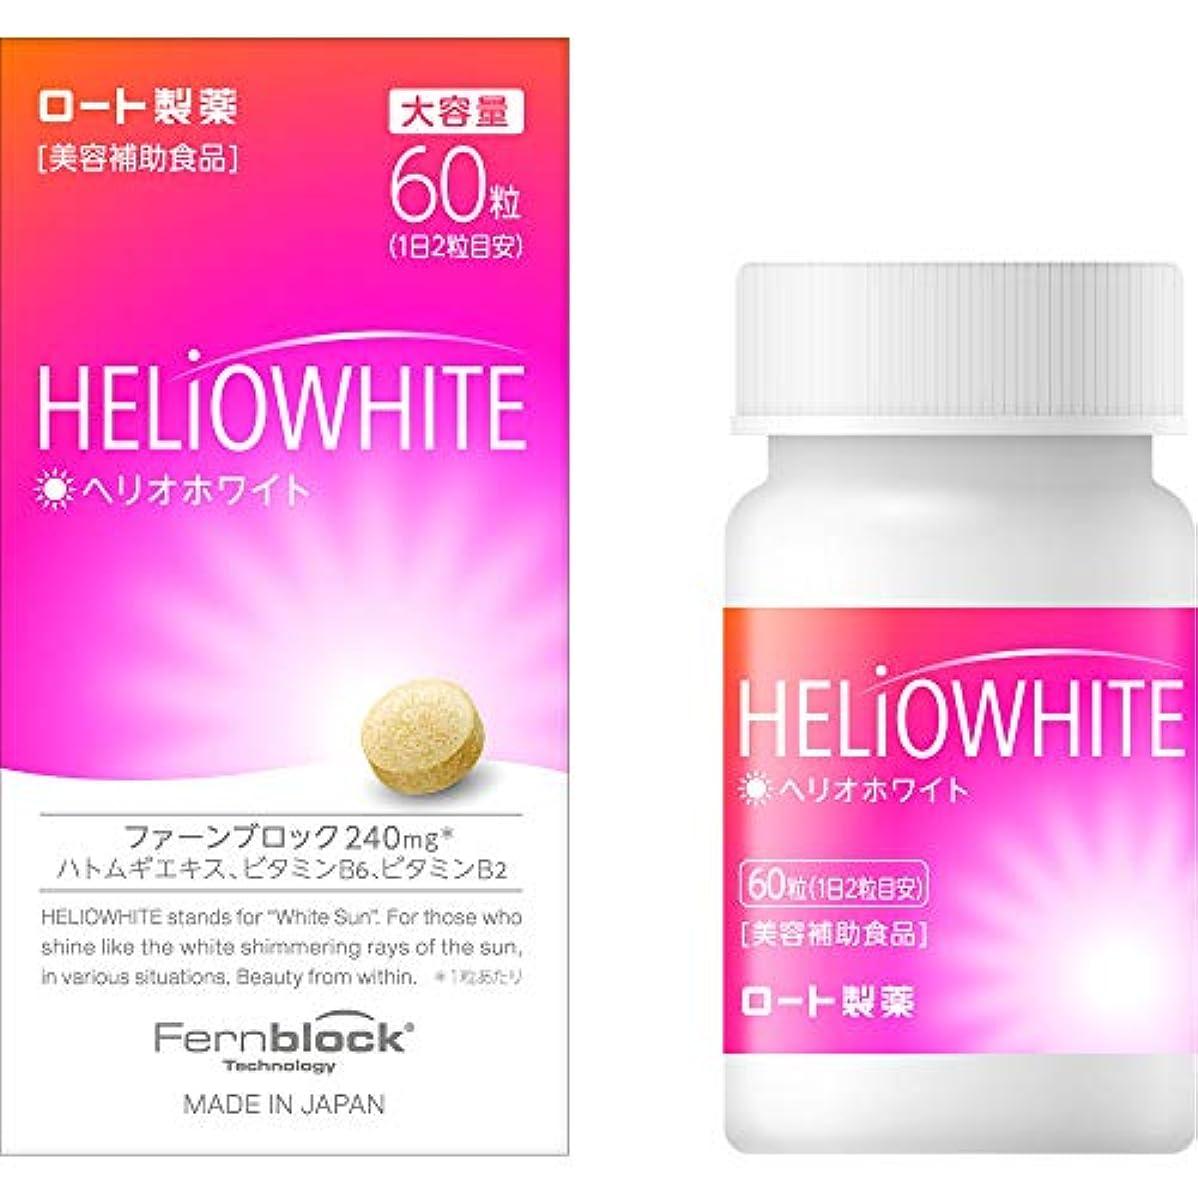 ラフト夜明けキャプテンブライロート製薬 ヘリオホワイト 60粒 シダ植物抽出成分 ファーンブロック Fernblock 240mg 配合 美容補助食品